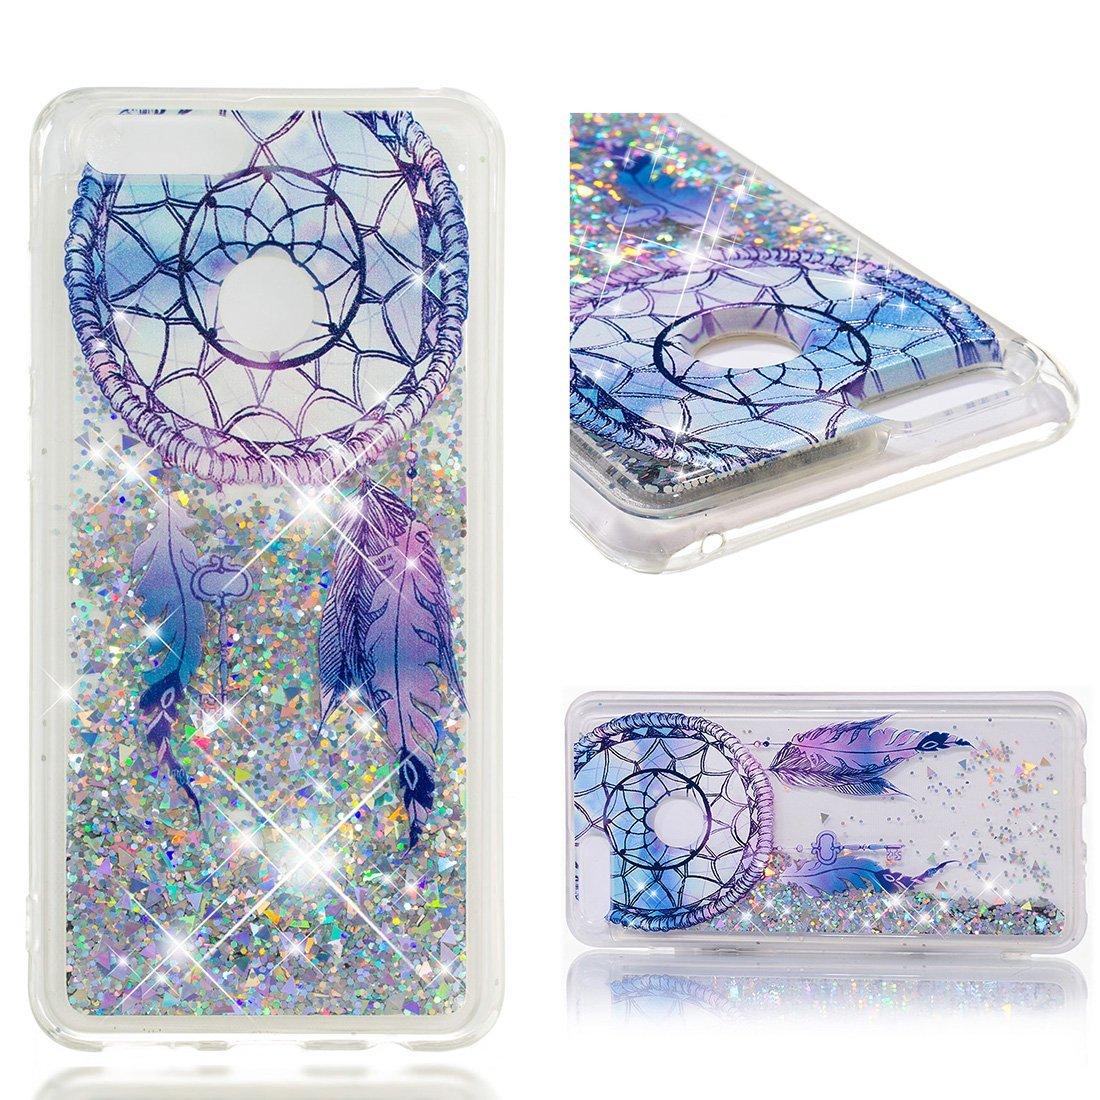 Cover Huawei Honor 7X, Lyzwn 3D Glitter Liquido Sabbie Mobili Trasparente Morbido TPU Silicone Custodia per Huawei Honor 7X Brillantini Sequin Posteriore Protettiva Case